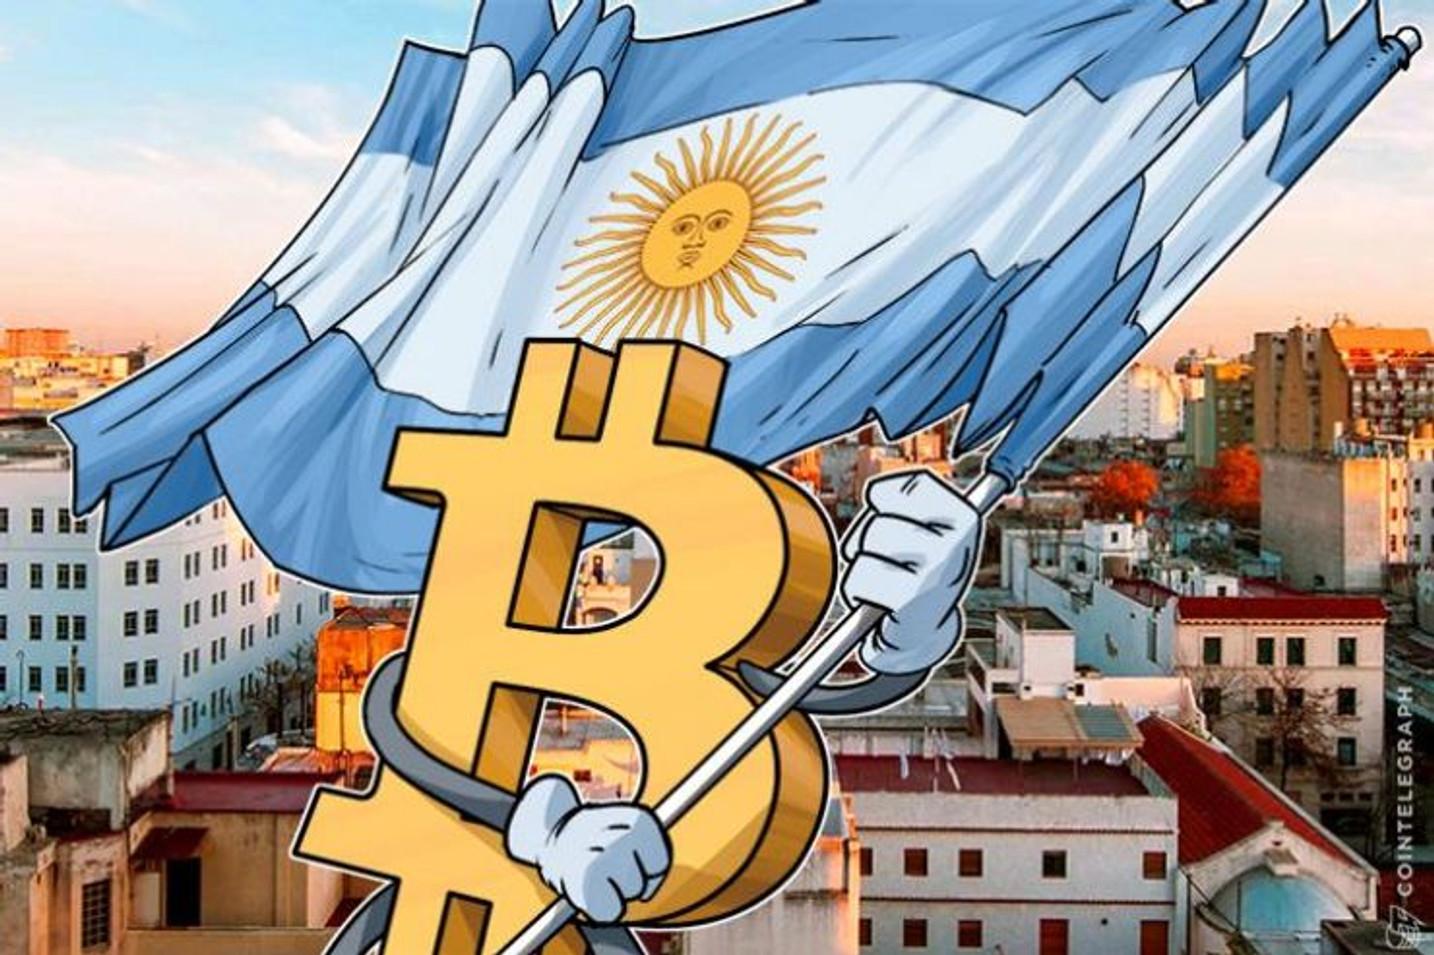 Según el economista argentino Matías Tombolini, apostar por las criptomonedas es una inversión de riesgo en la actualidad